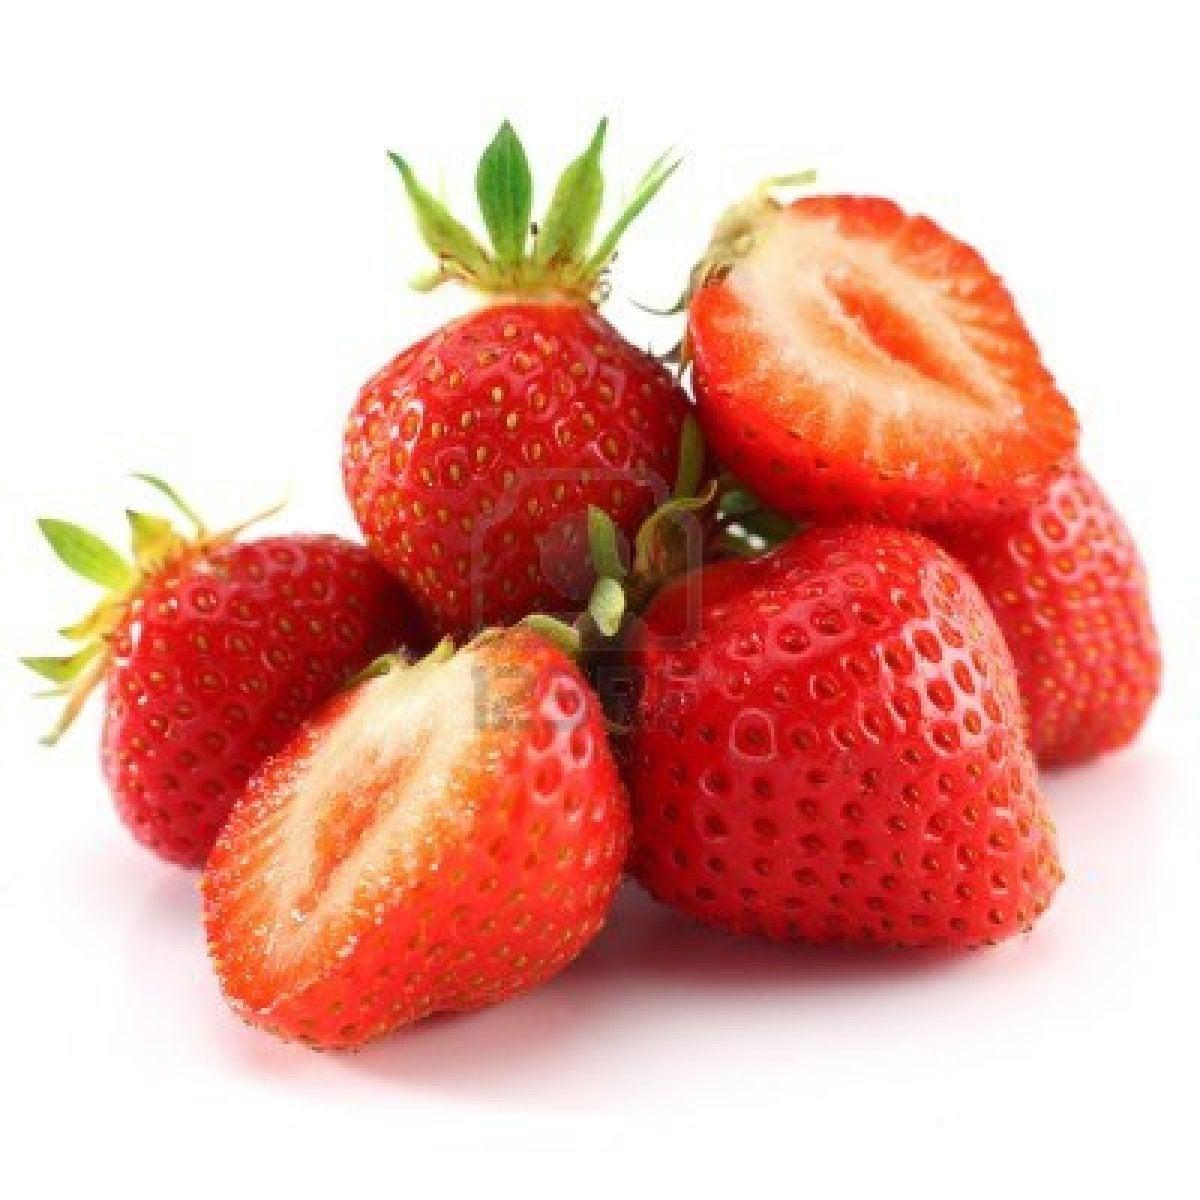 como saber si tengo alto el acido urico jugo de tomate para el acido urico dieta para gota o acido urico